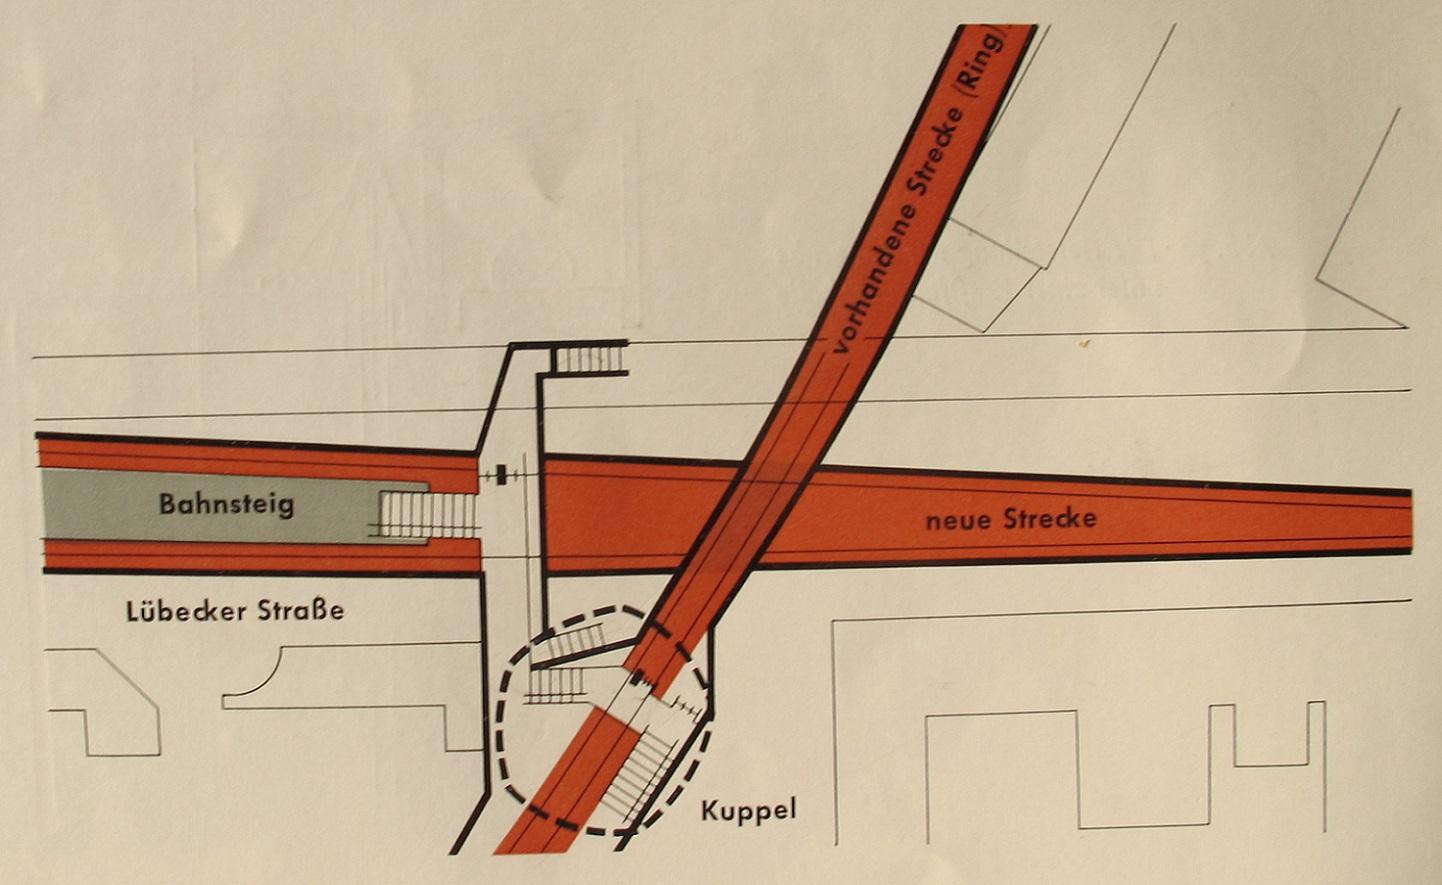 An der Lübecker Straße musste die Kuppelhalle ermöglichen, von der alten (Ring-)Linie in die neue tieferliegende U-Bahn-Strecke umzusteigen (Bild: U-Bahn-Bau in Hamburg, Hamburg 1961, S. 18, Archiv F. Grundmann)